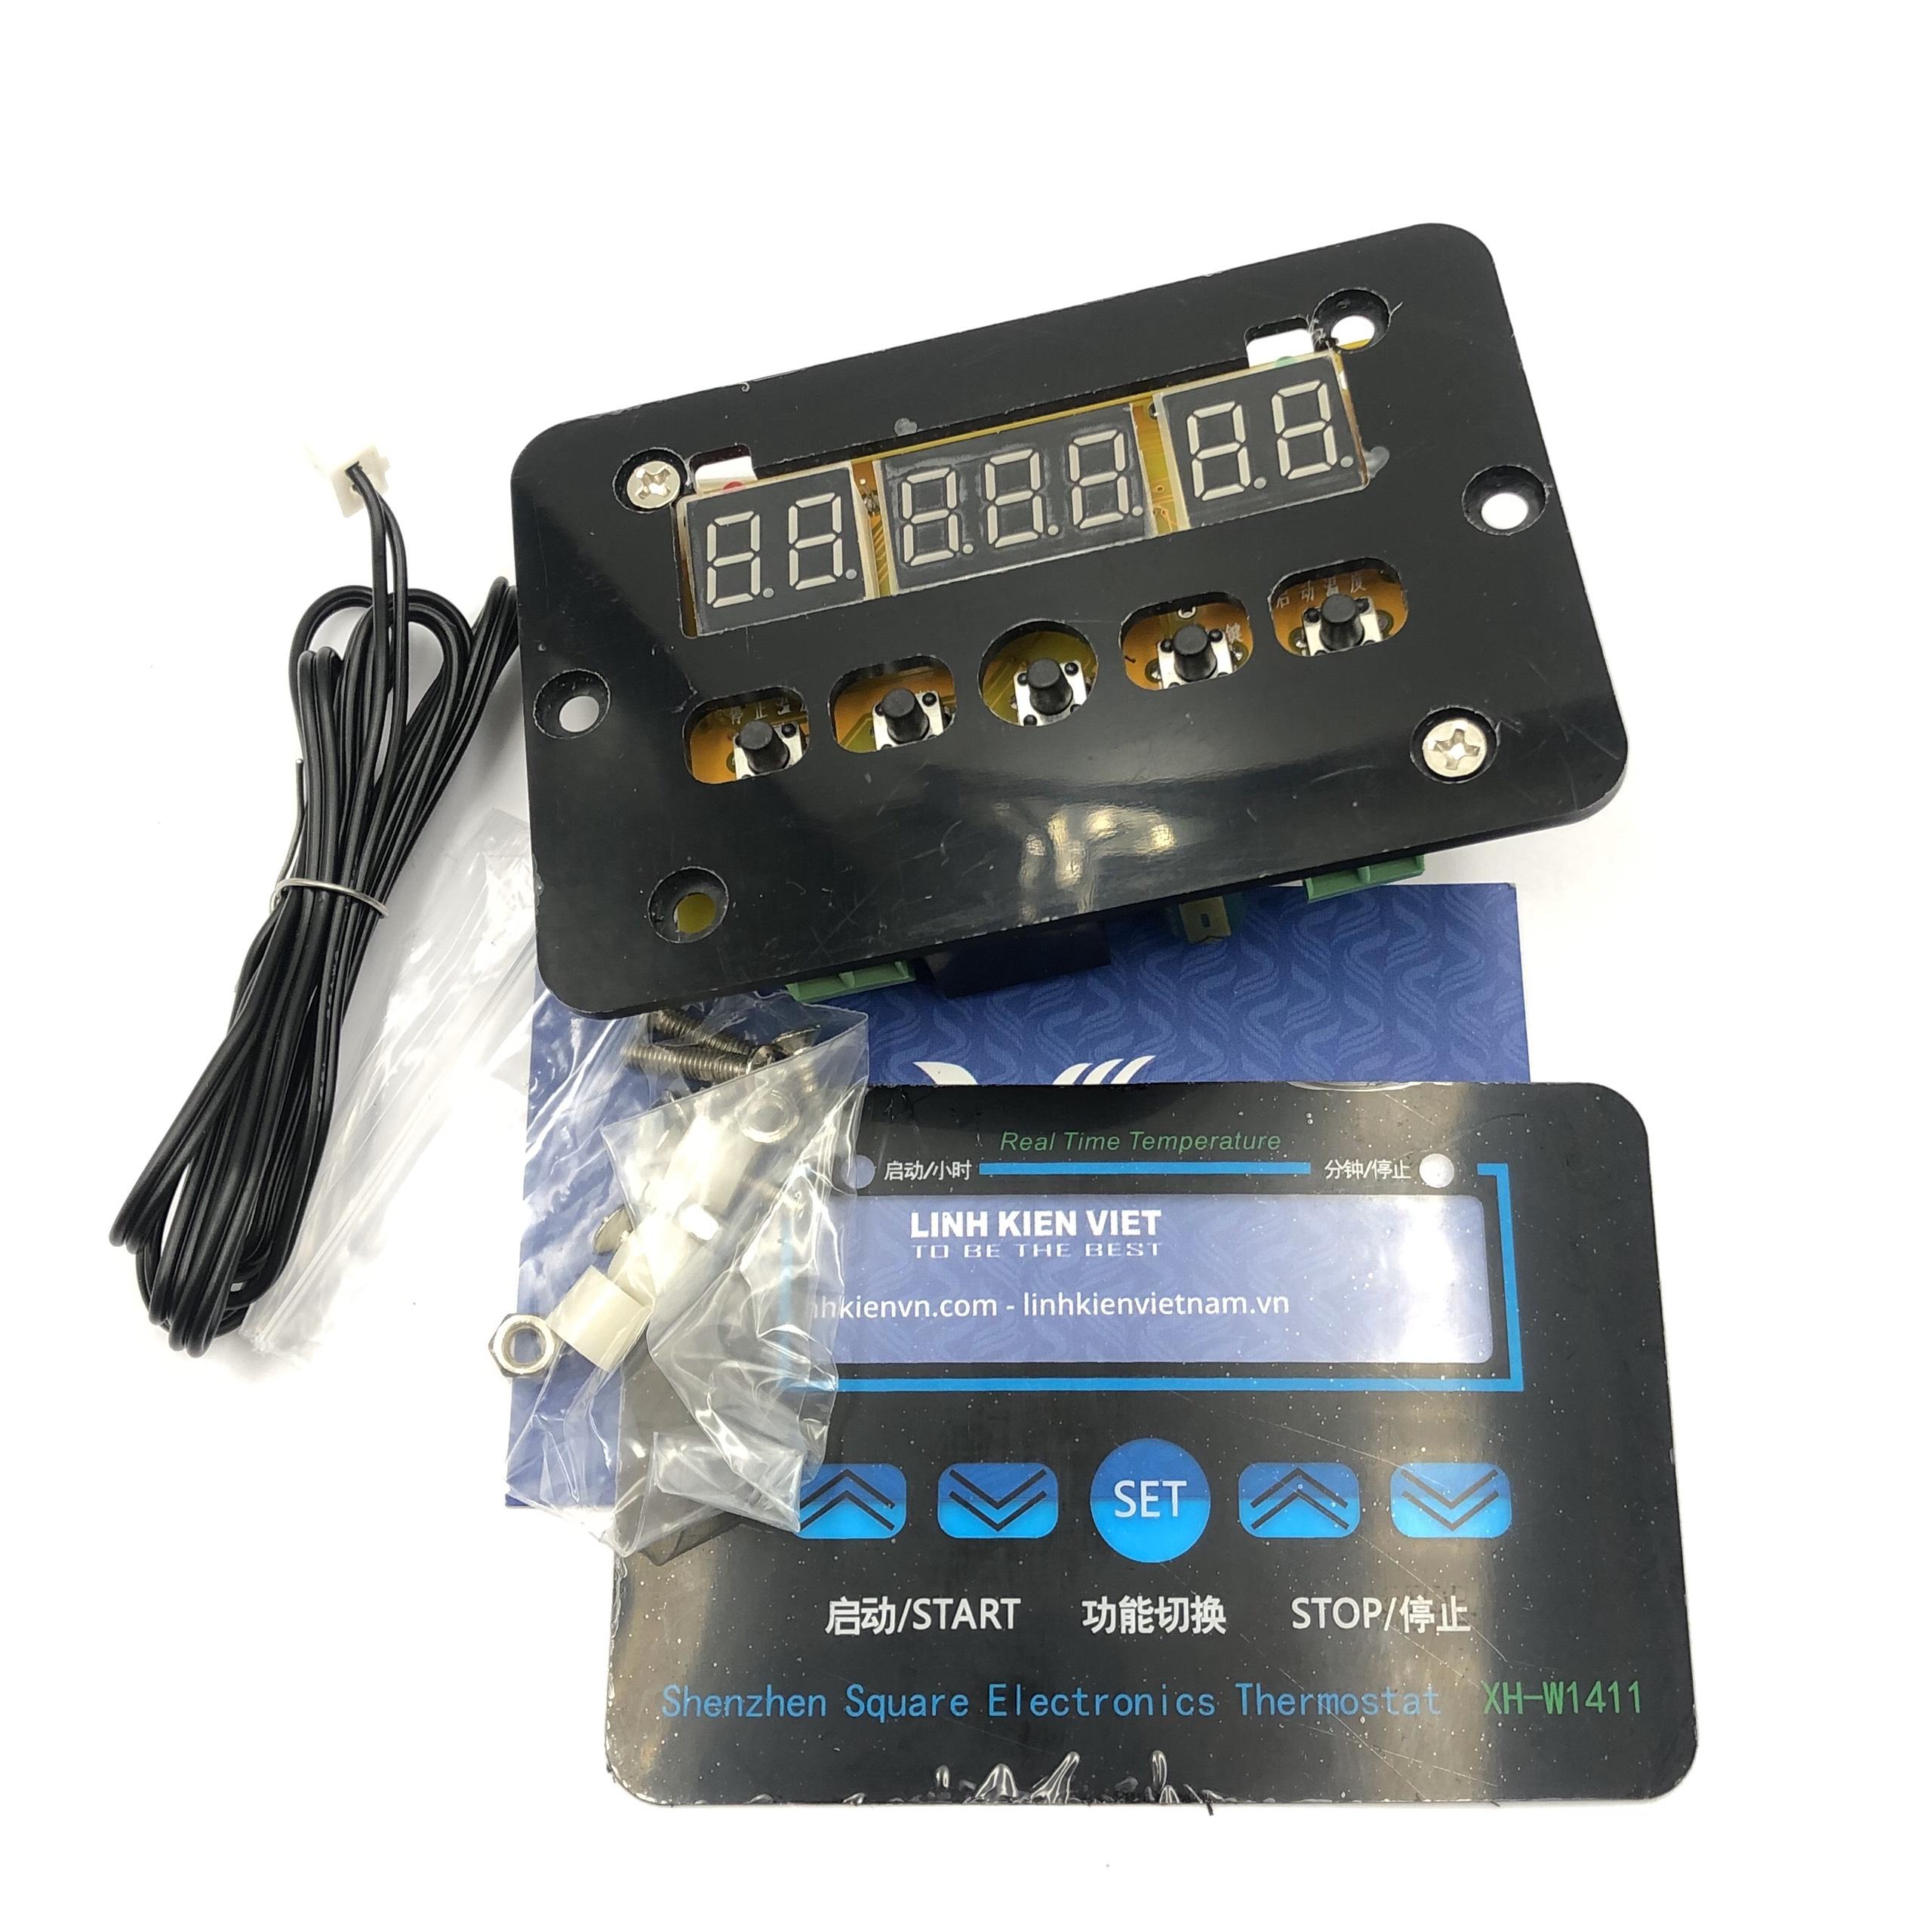 Mạch cảm biến nhiệt độ đóng ngắt thiết bị XH-W1411 12VDC